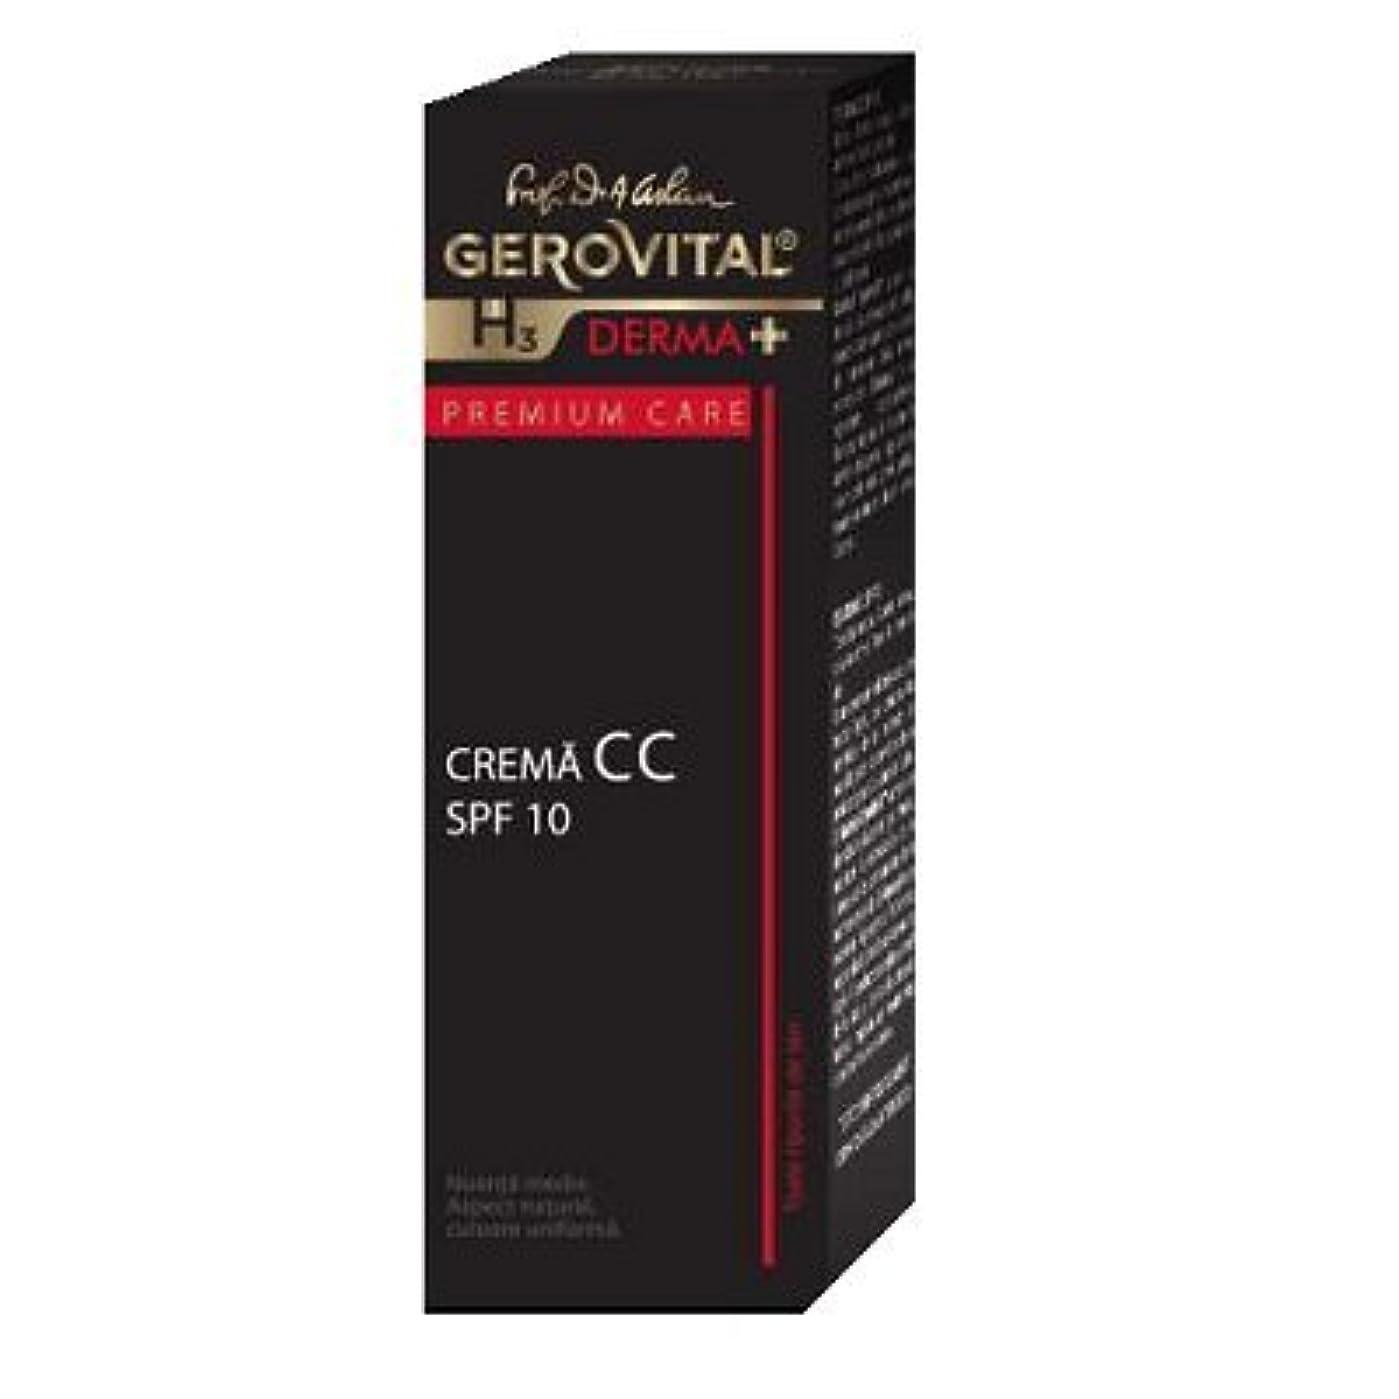 苦レビュー言うジェロビタール H3 デルマ+ プレミアムケア CCクリーム SPF10 30 ml / 1.0 fl.oz. [海外直送] [並行輸入品]